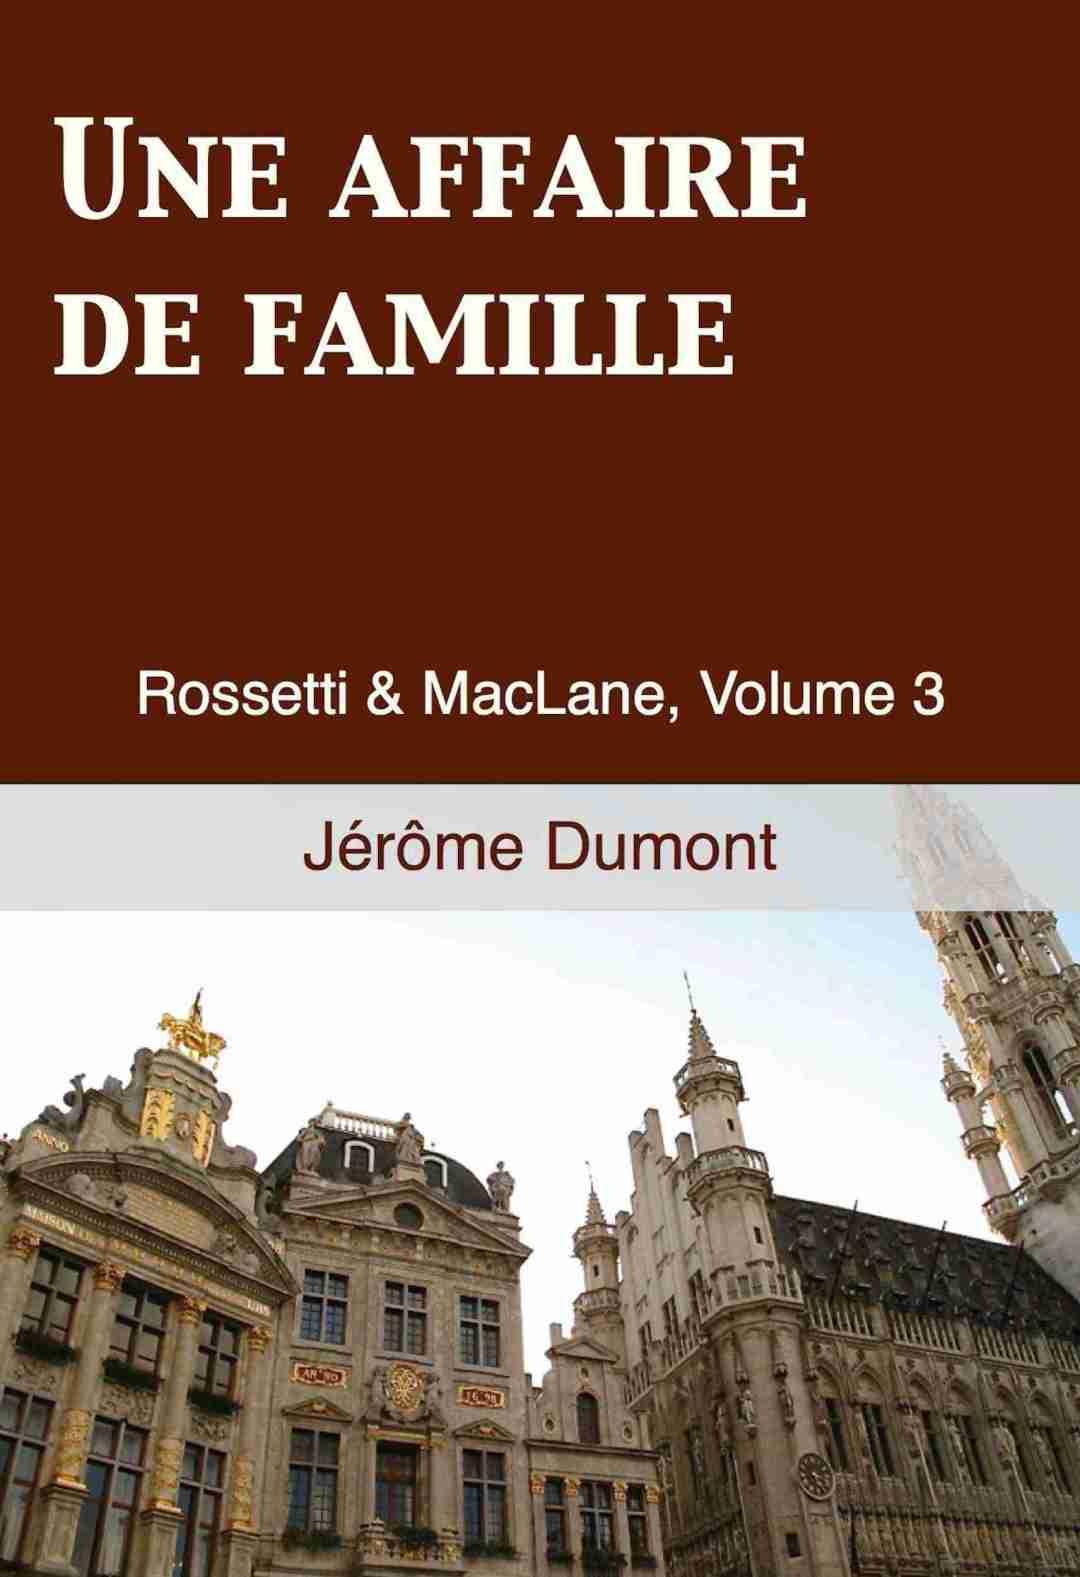 une-affaire-de-famille-rossetti-maclane-3